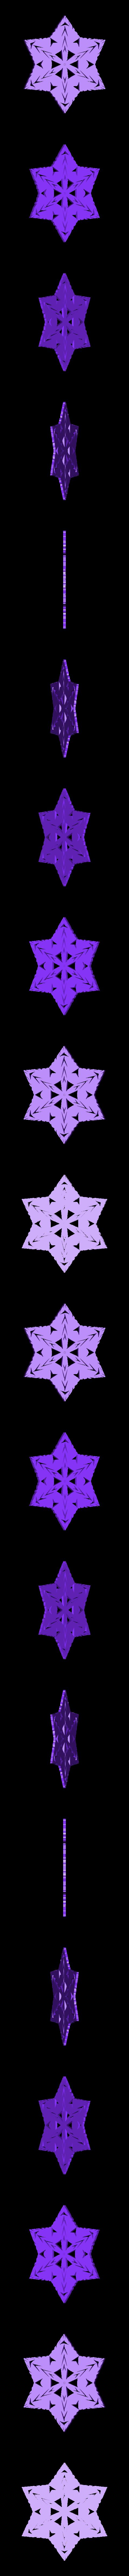 kiri6.stl Télécharger fichier STL gratuit Flocon de neige kirigami aléatoire dans BlocksCAD • Plan pour impression 3D, arpruss